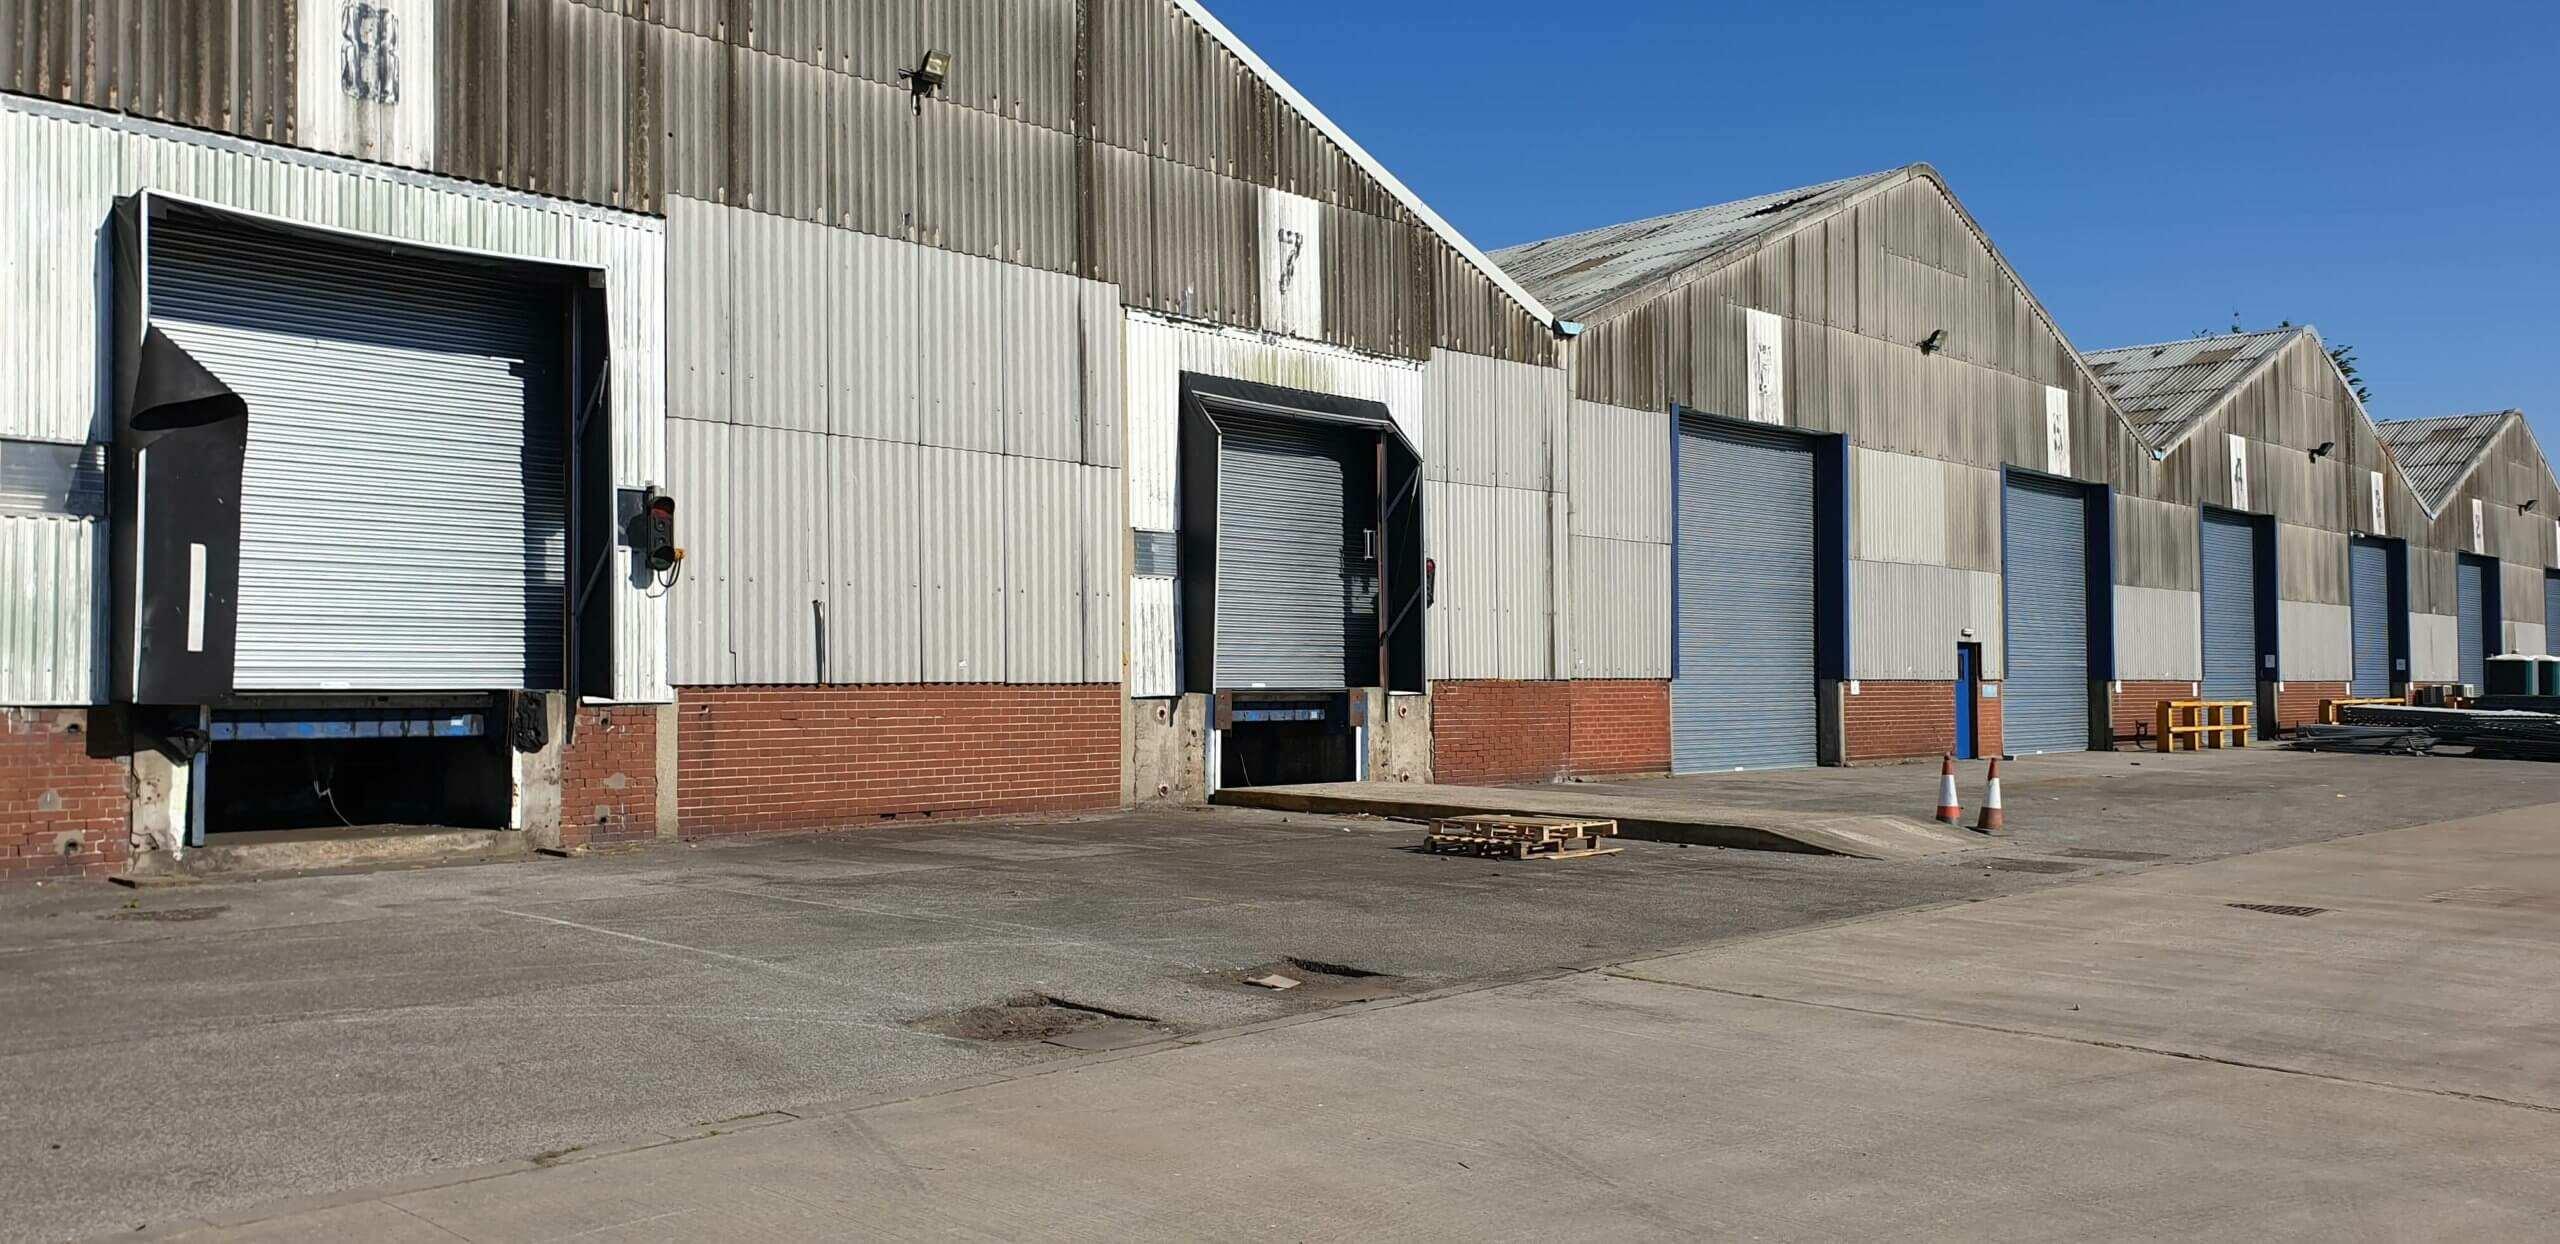 Industrial Roller Shutter Installation Doncaster 1 scaled Industrial Roller Shutter Installation - Doncaster